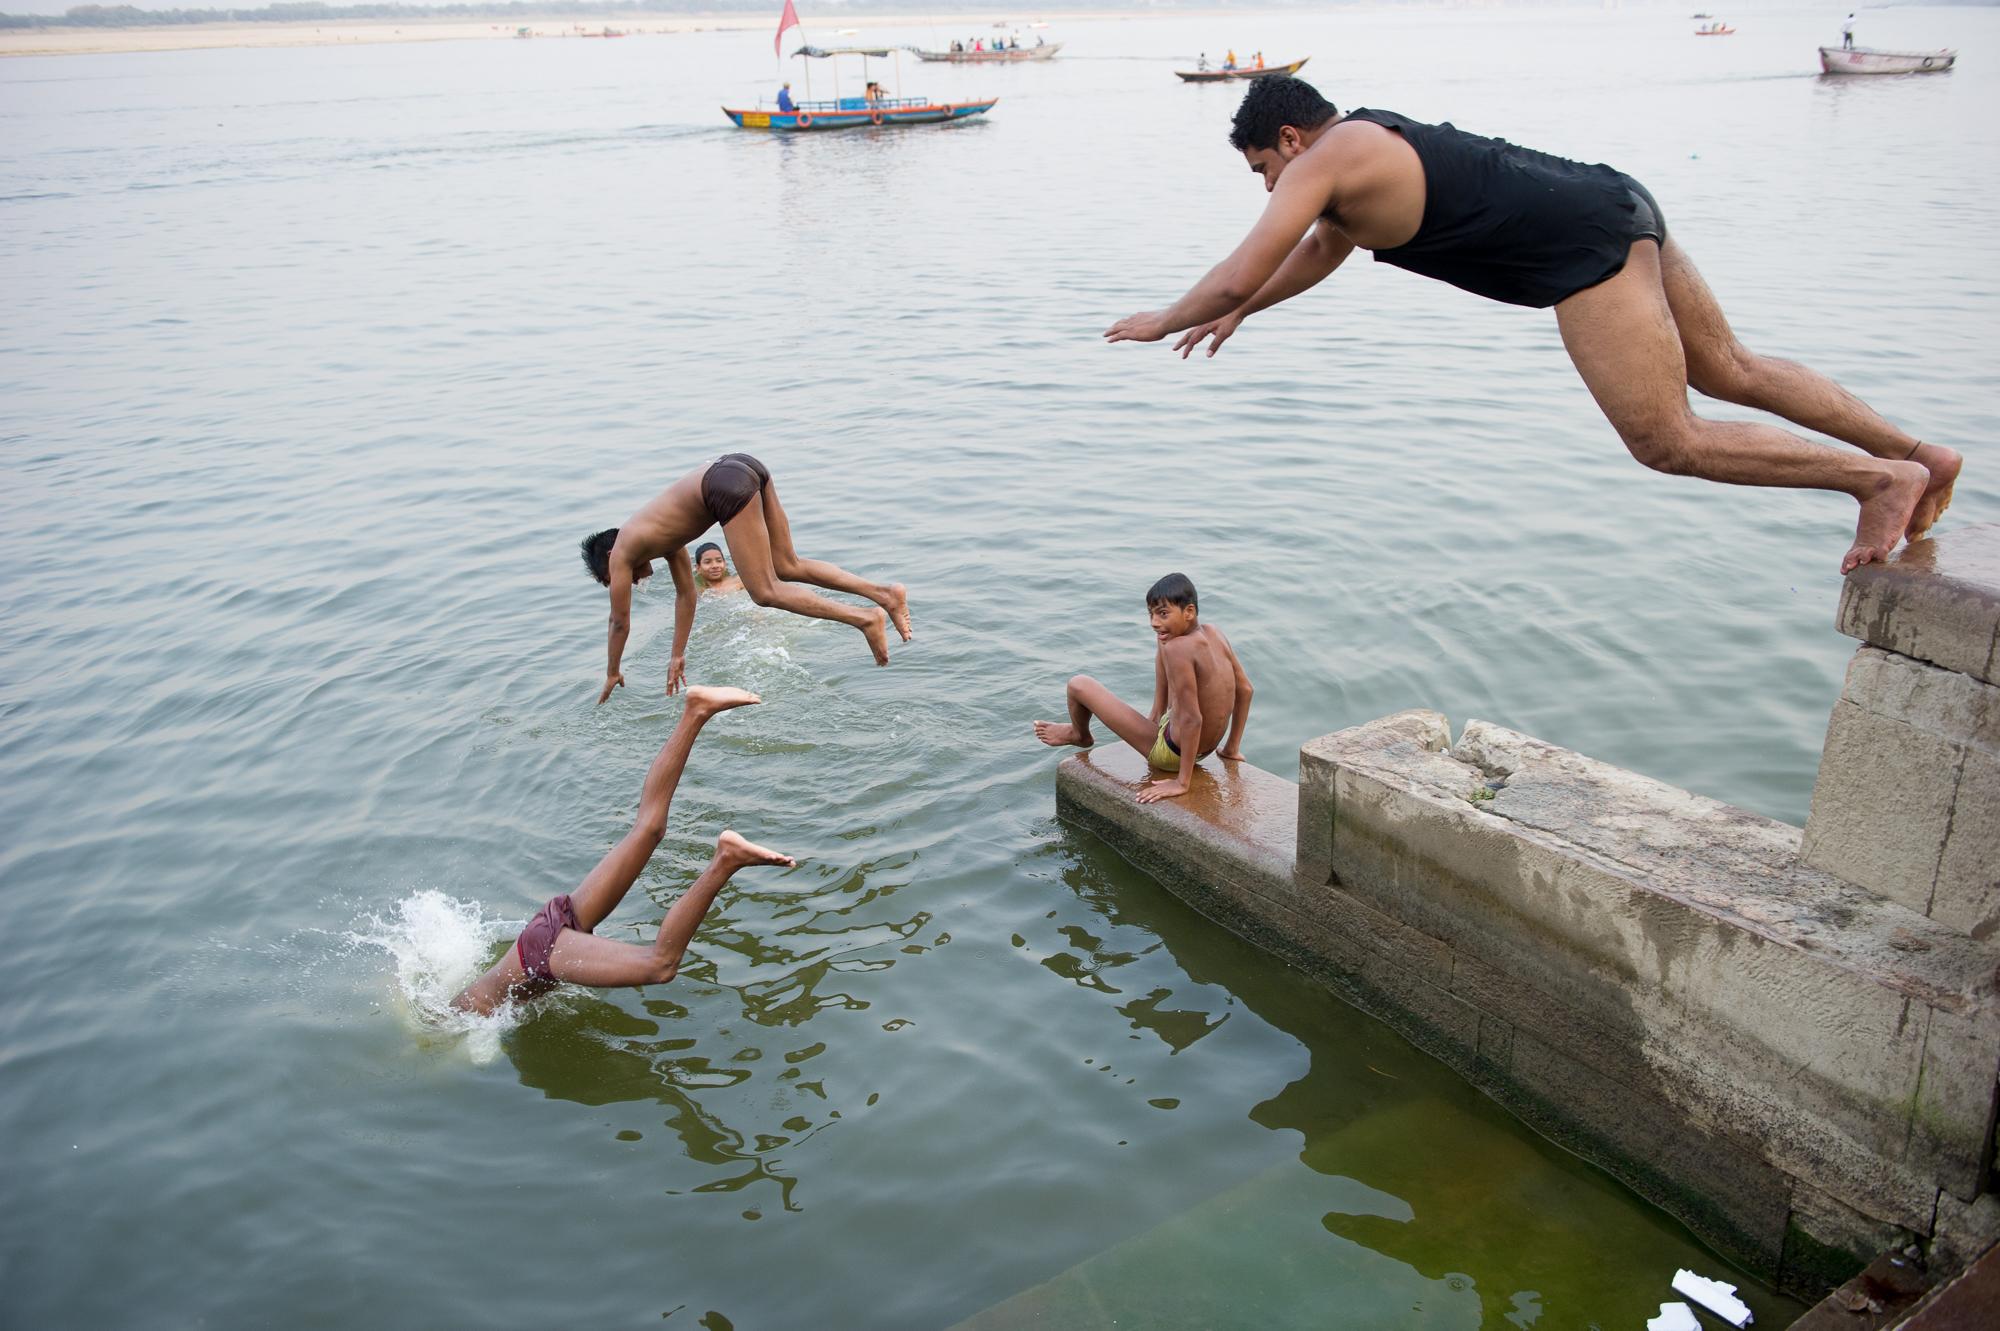 Swimmers, Varanasi, 2019